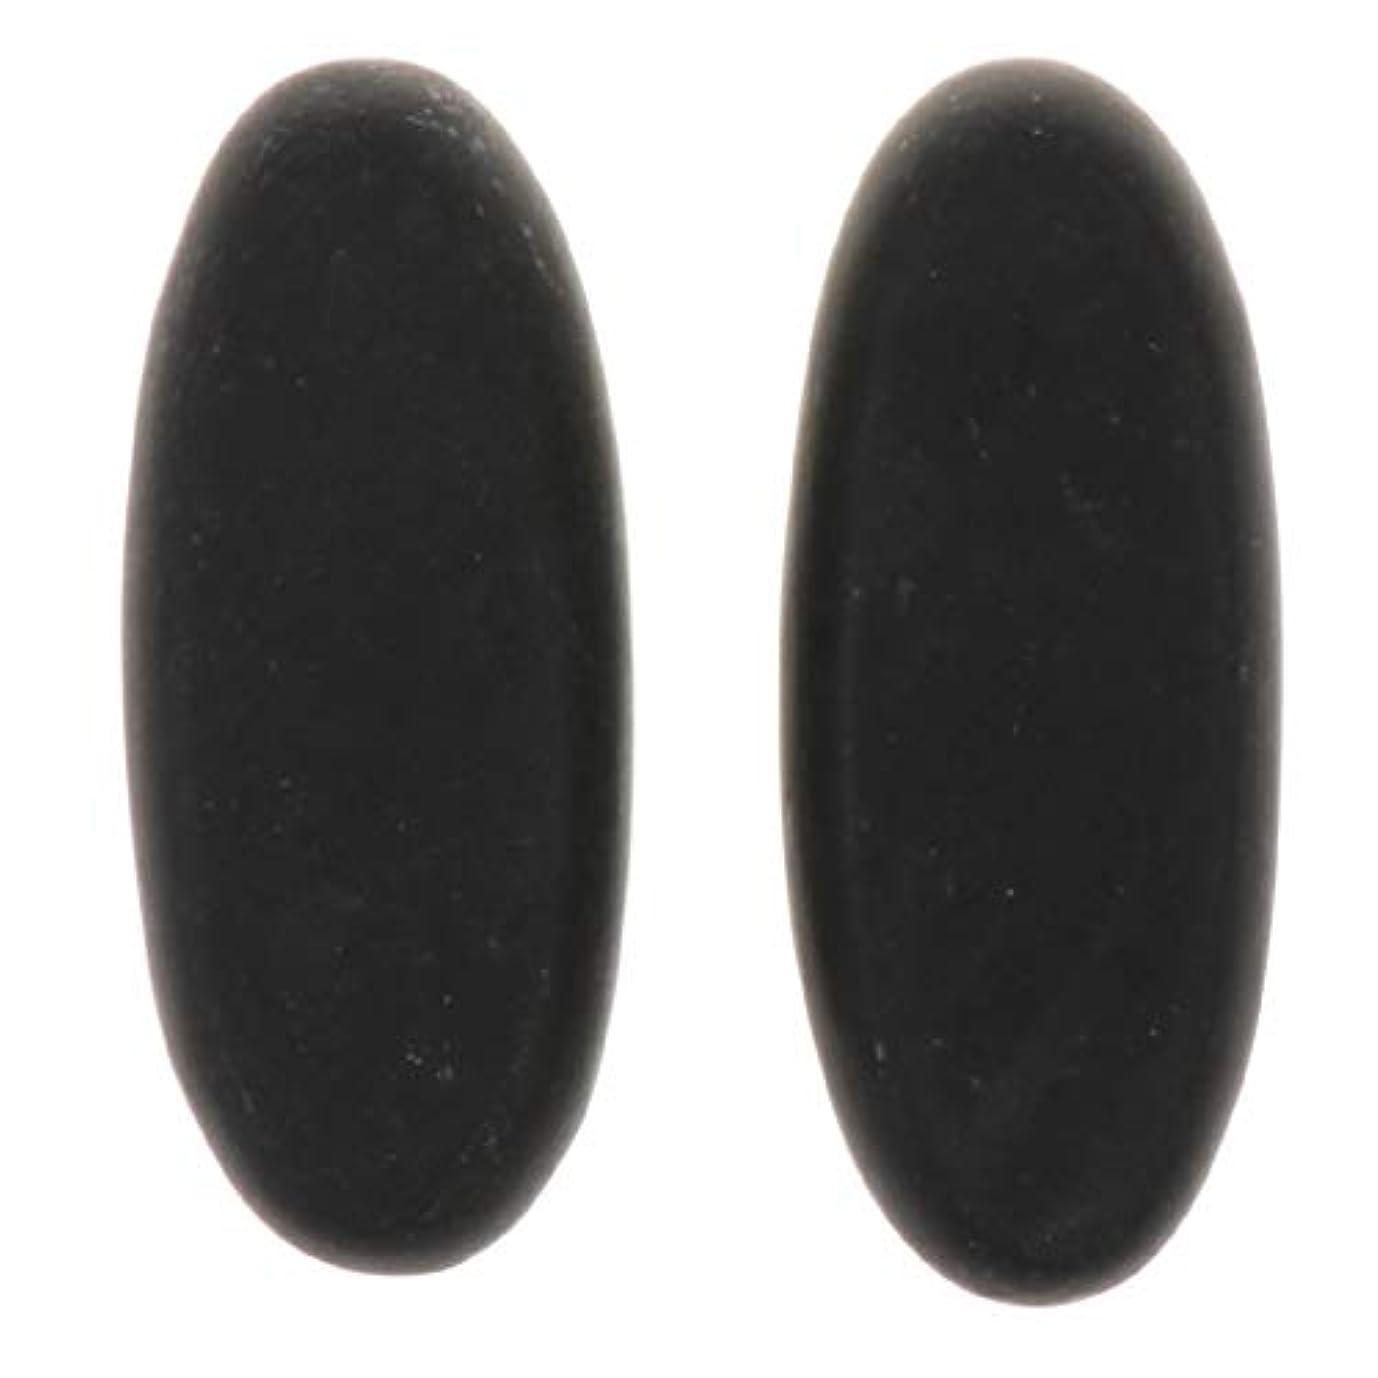 マッサージストーン マッサージ石 天然石ホットストーン マッサージ用玄武岩 ツボ押し SPA 2個 全2サイズ - 8×3.2×1.5cm